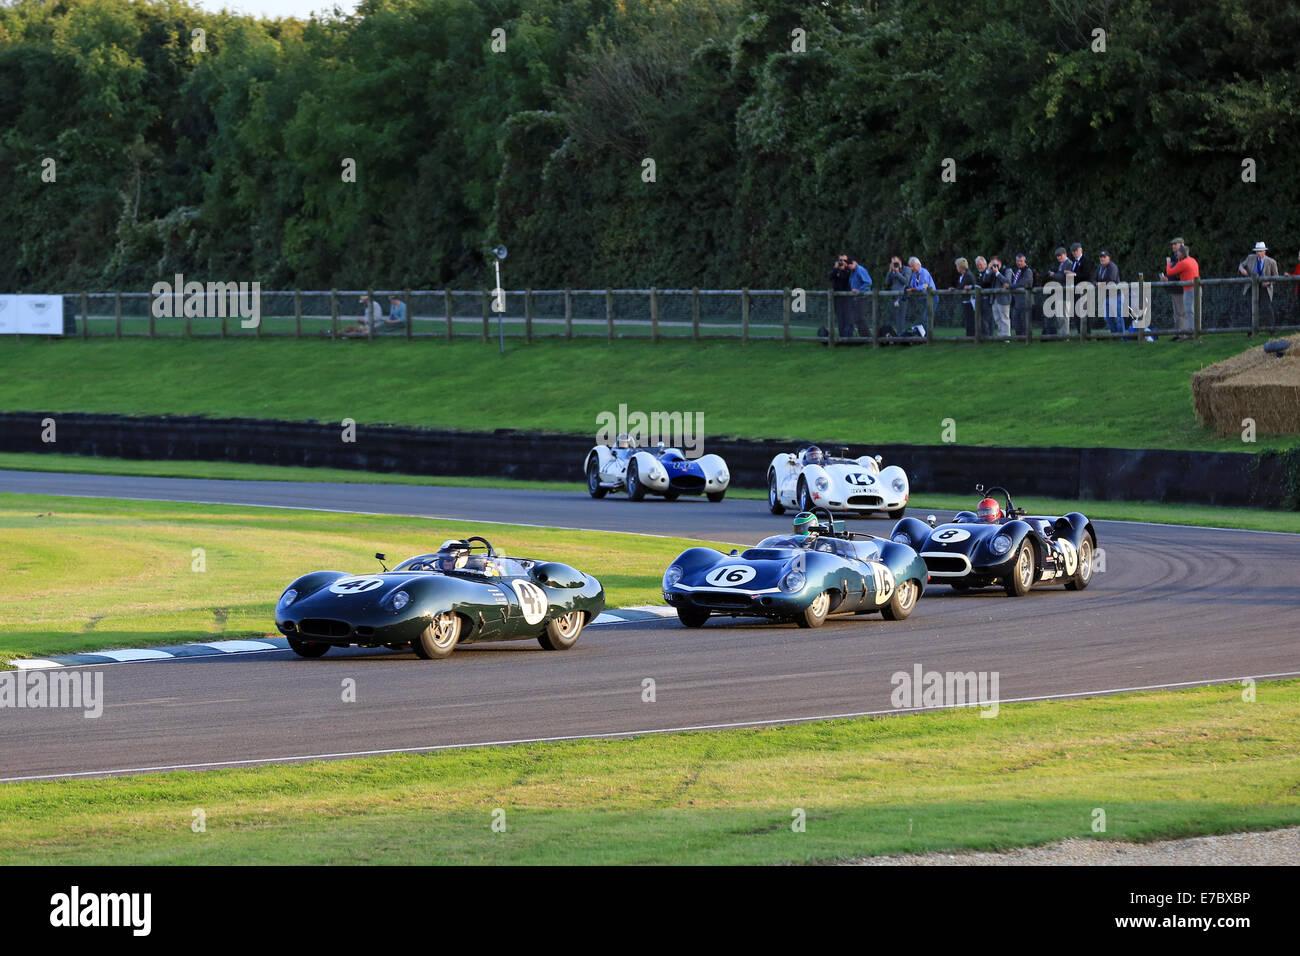 Fotos vom ersten Tag an The Goodwood Revival - eine drei-Tages-Festival statt bei Goodwood Circuit seit 1998 für Stockbild